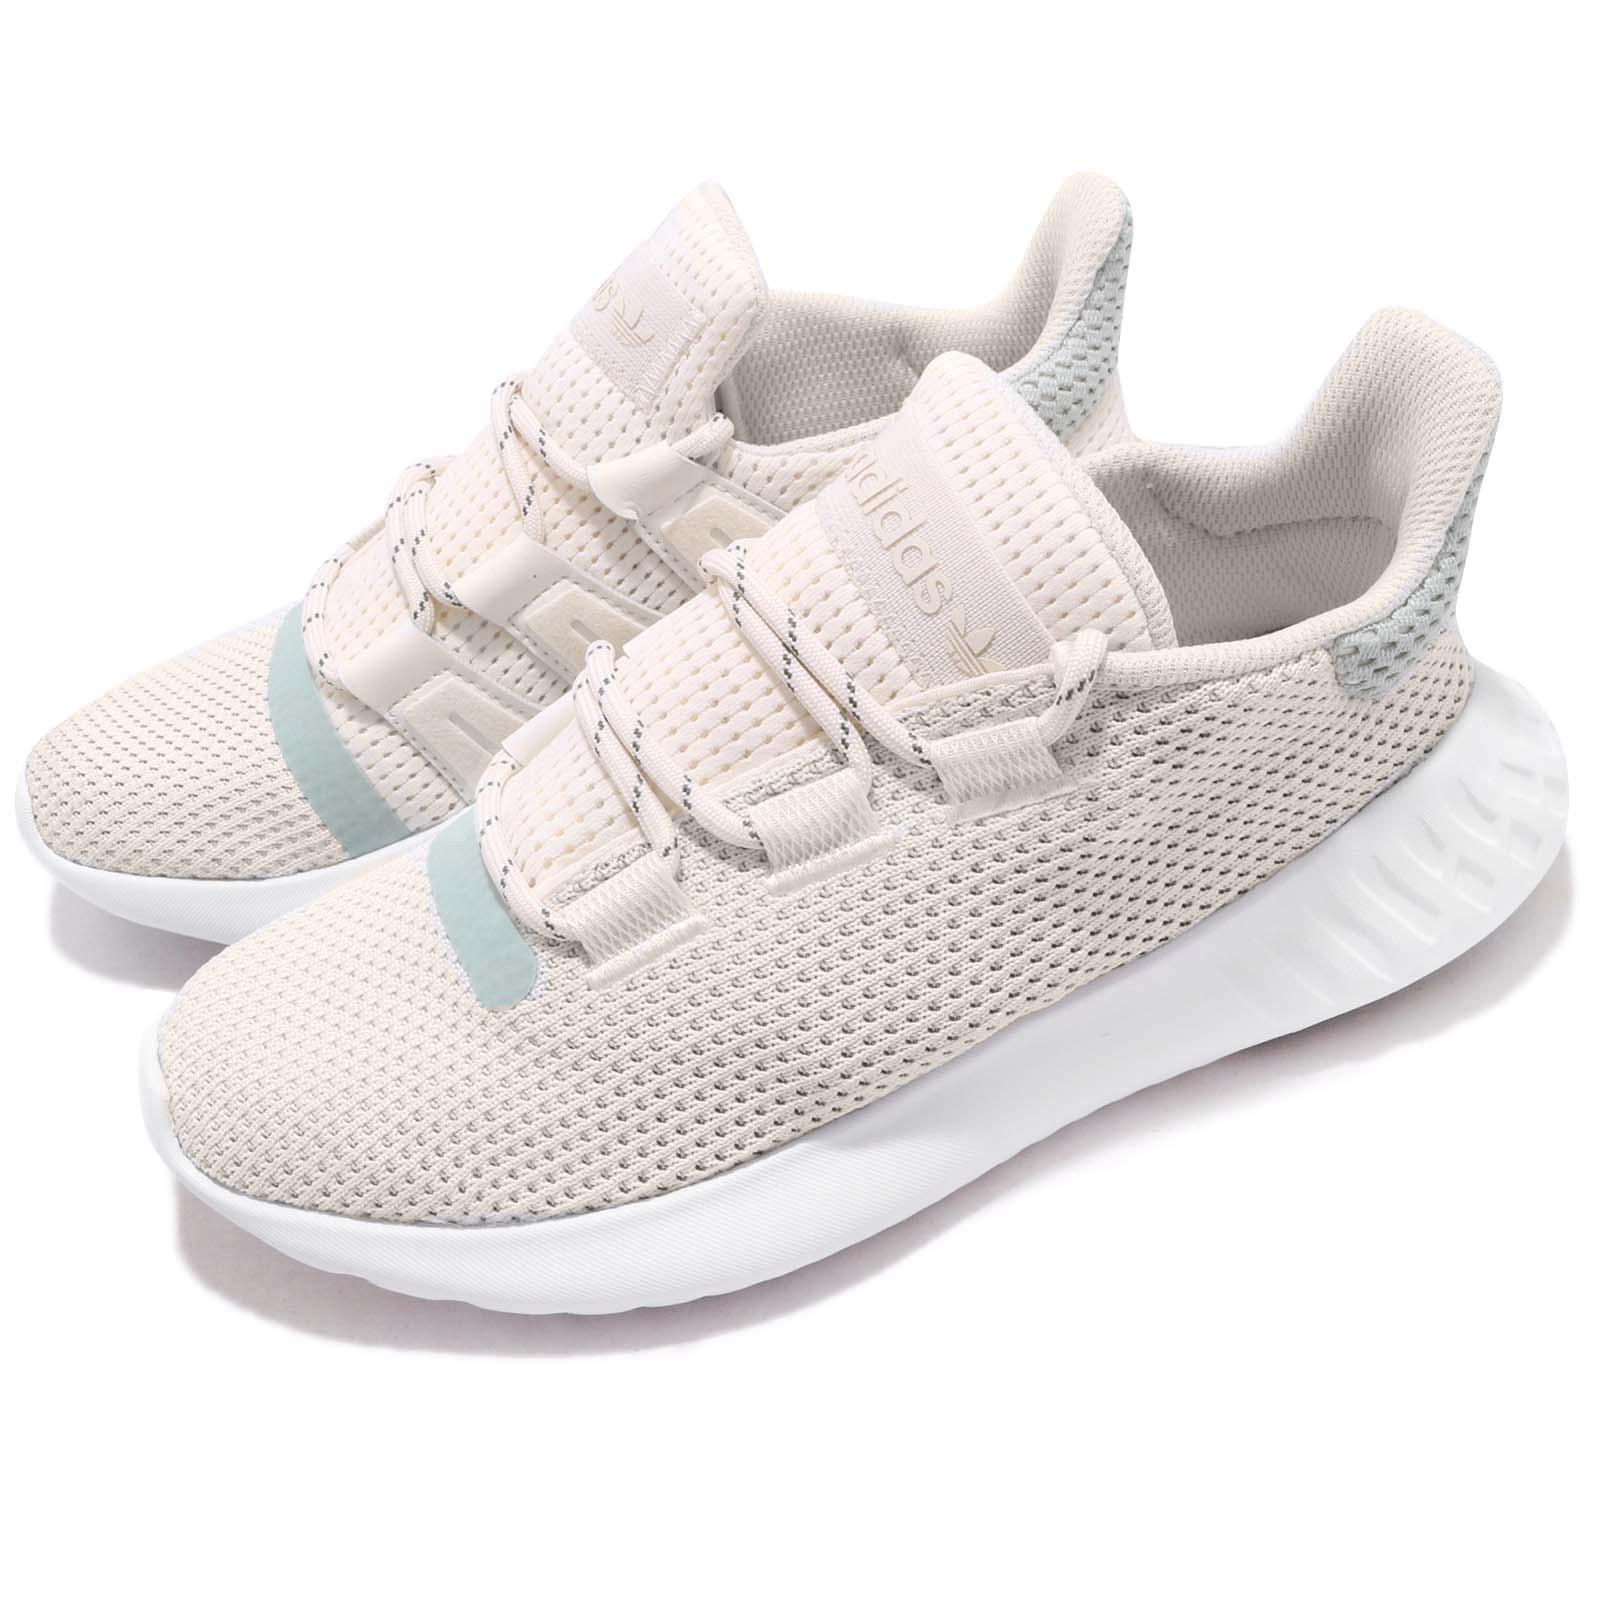 Adidas Originales Tubular anochecer W En blancoo Ash verde Mujeres Calzado para Correr B37765